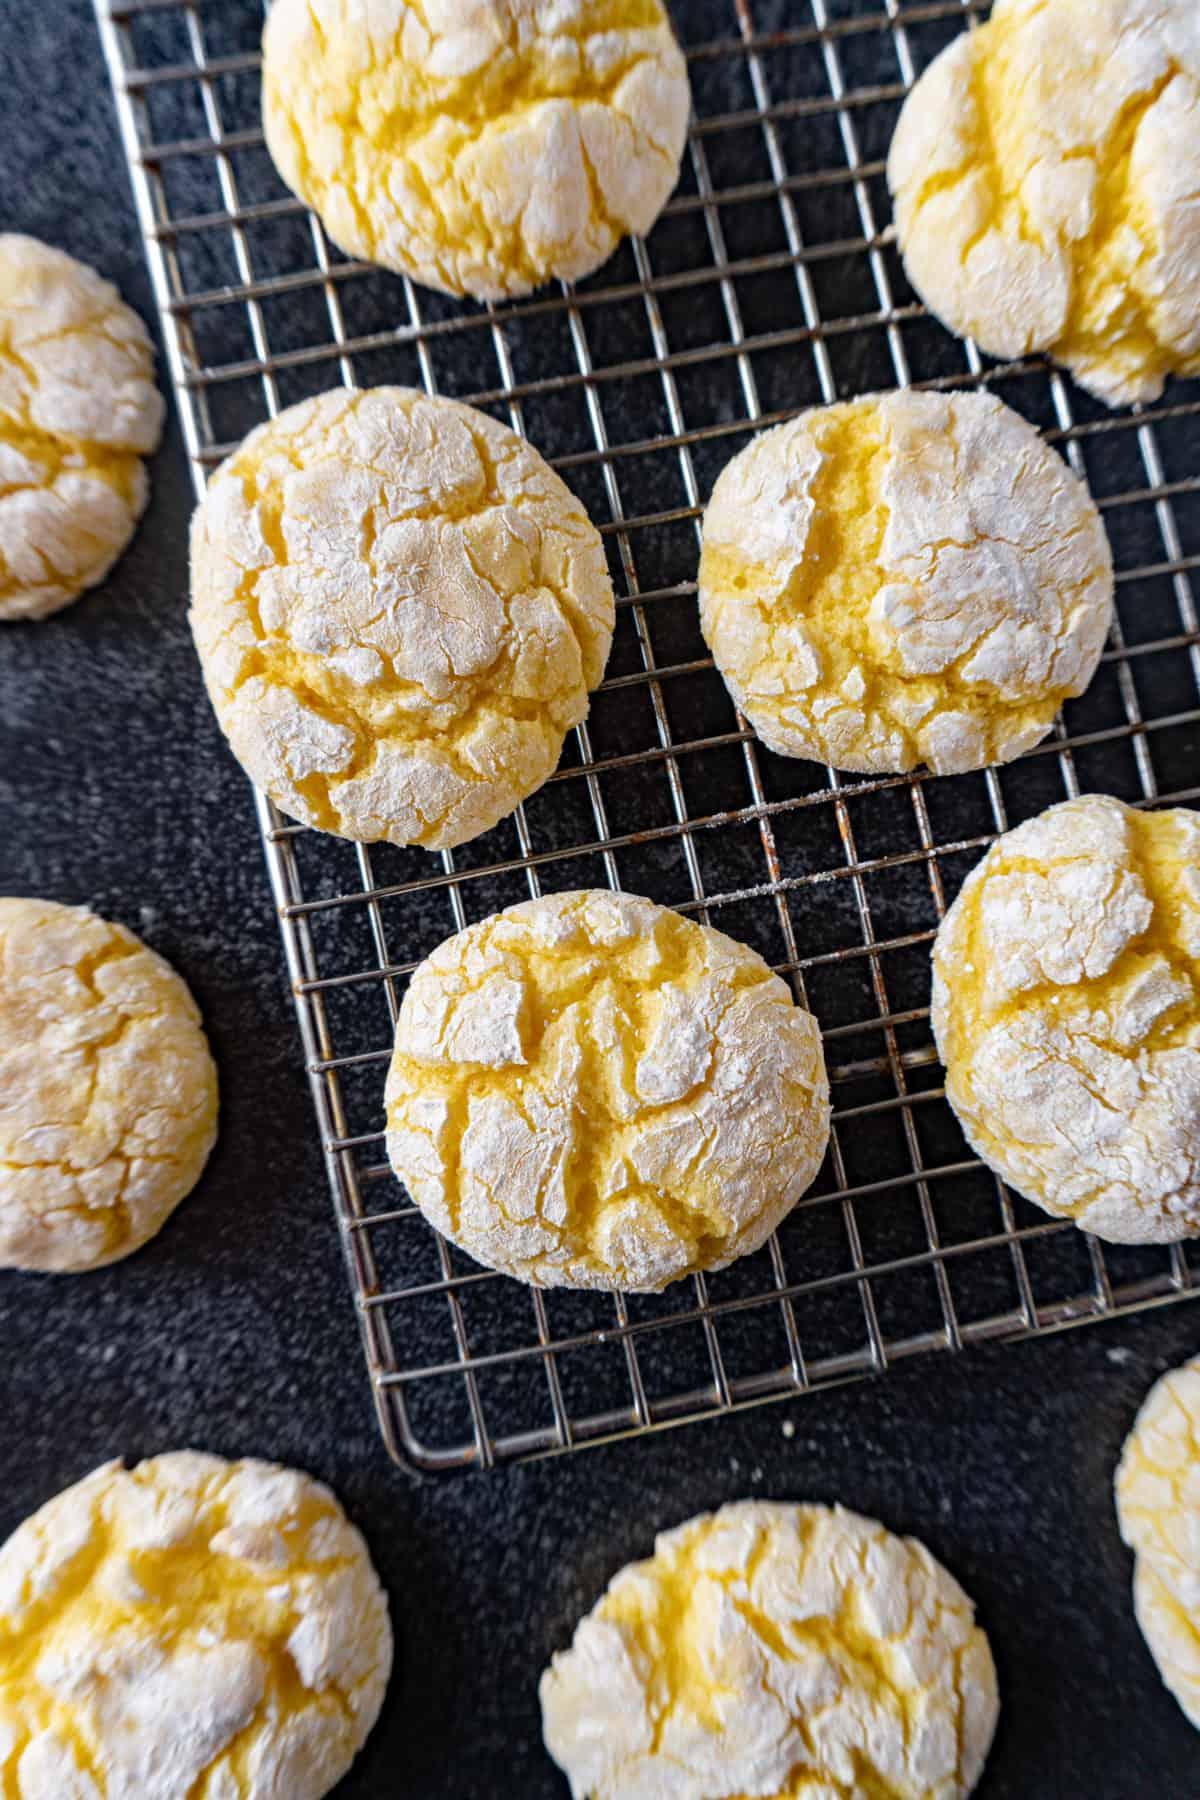 Lemon Crinkle cookies cooling on wire rack